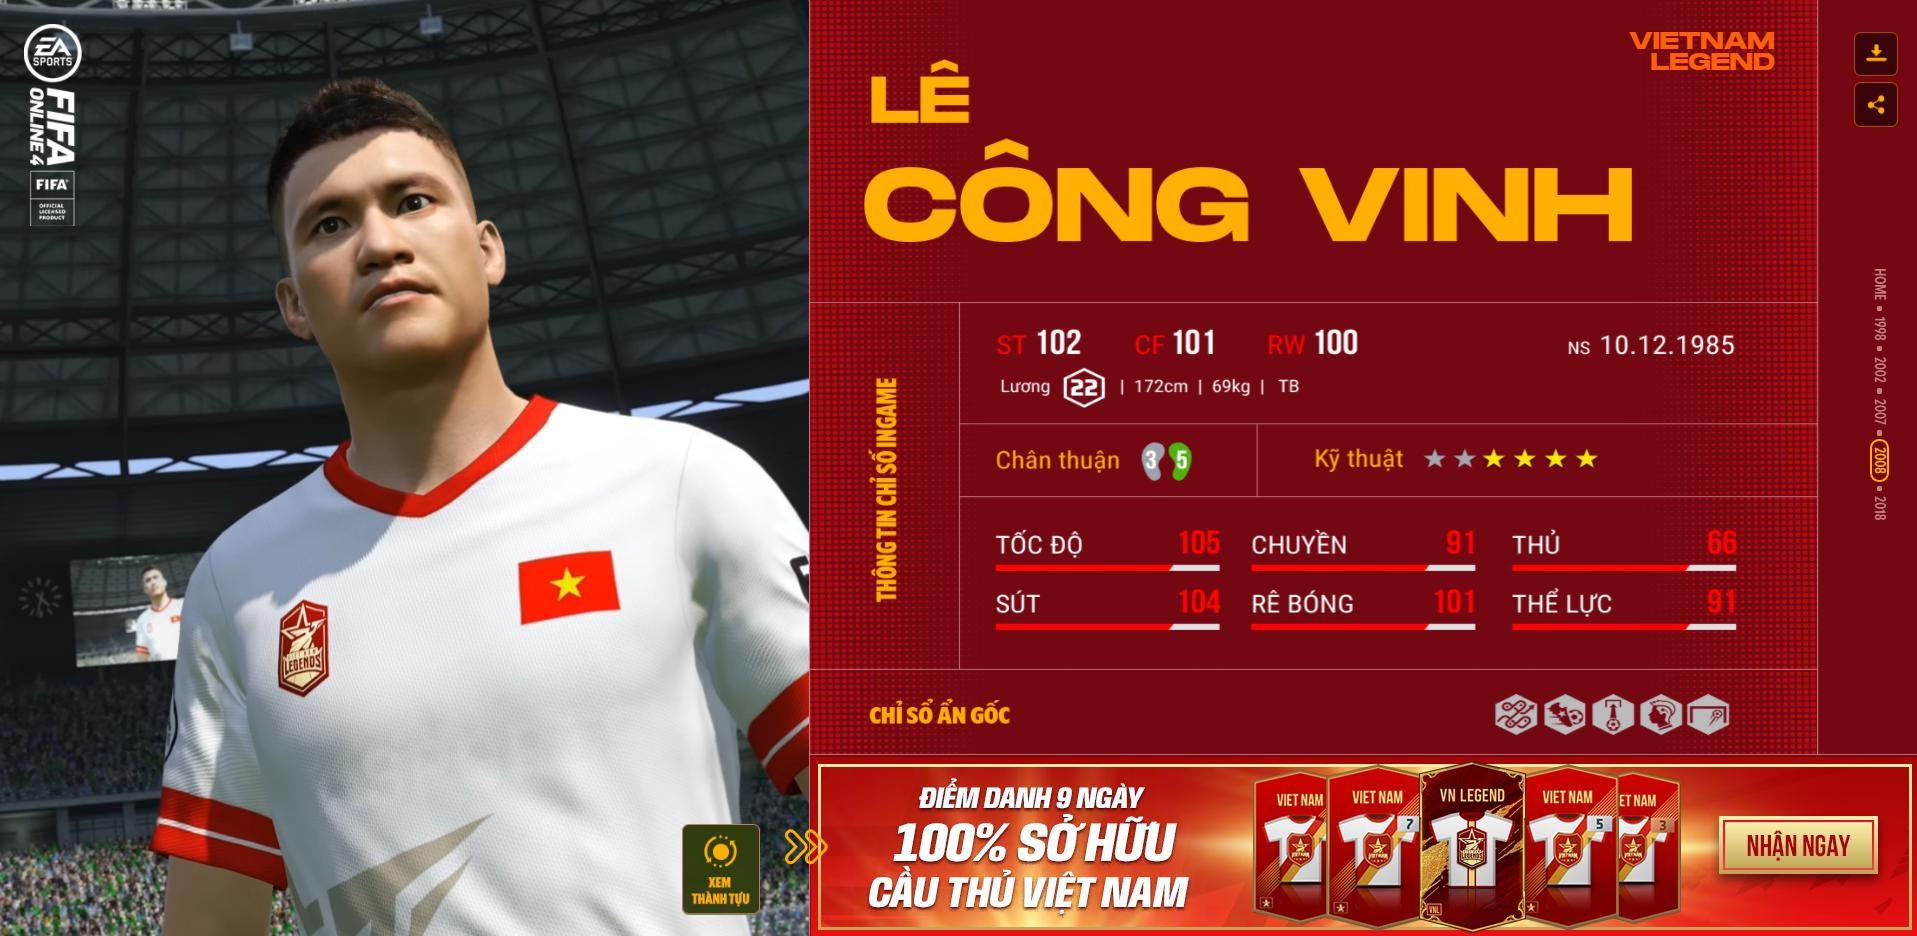 Các huyền thoại bóng đá Việt Nam bất ngờ xuất hiện trong Fifa Online 4 - Ảnh 8.